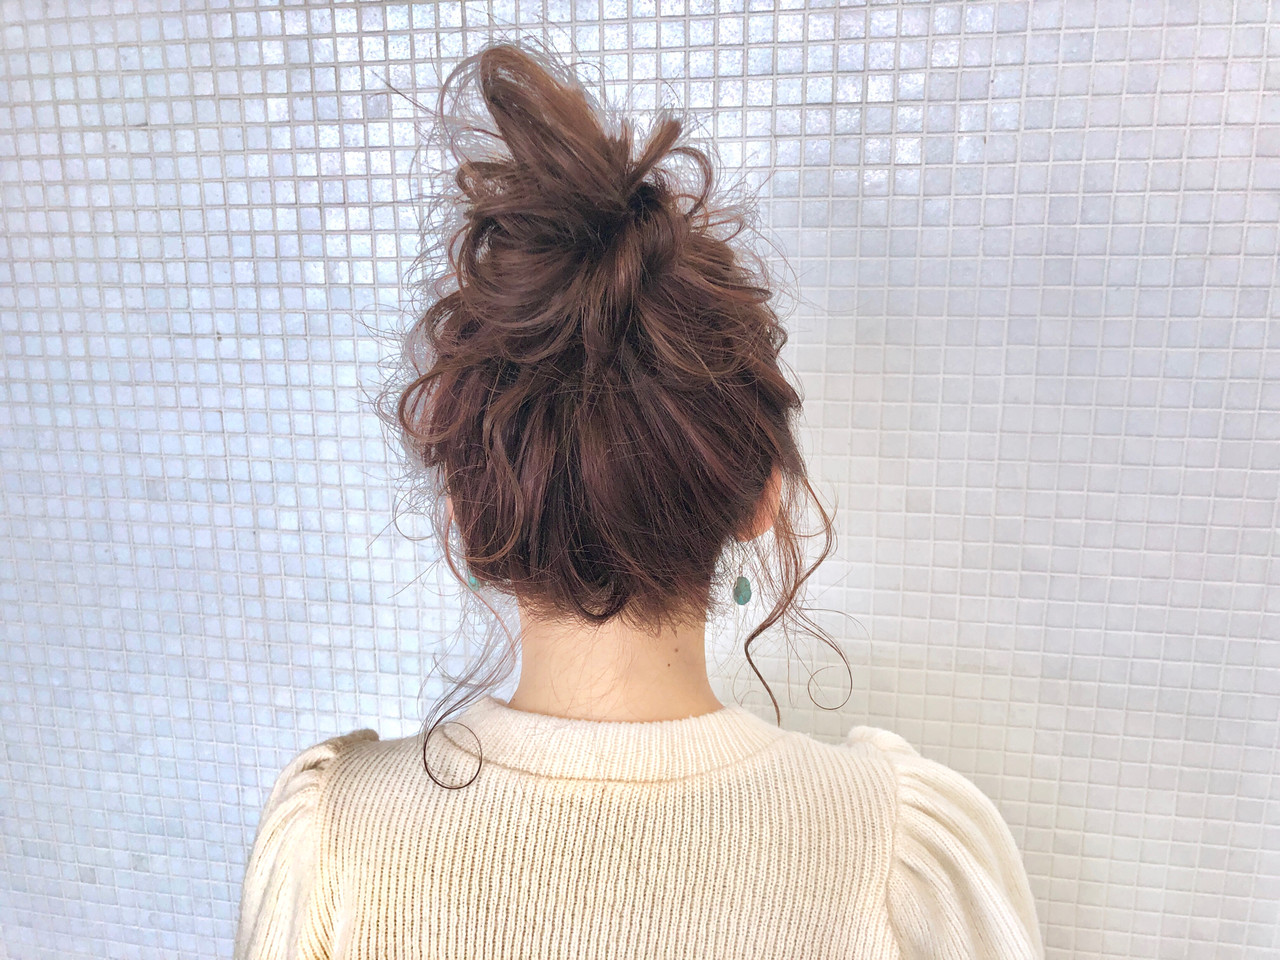 ガーリー お団子ヘア ロング 簡単ヘアアレンジヘアスタイルや髪型の写真・画像